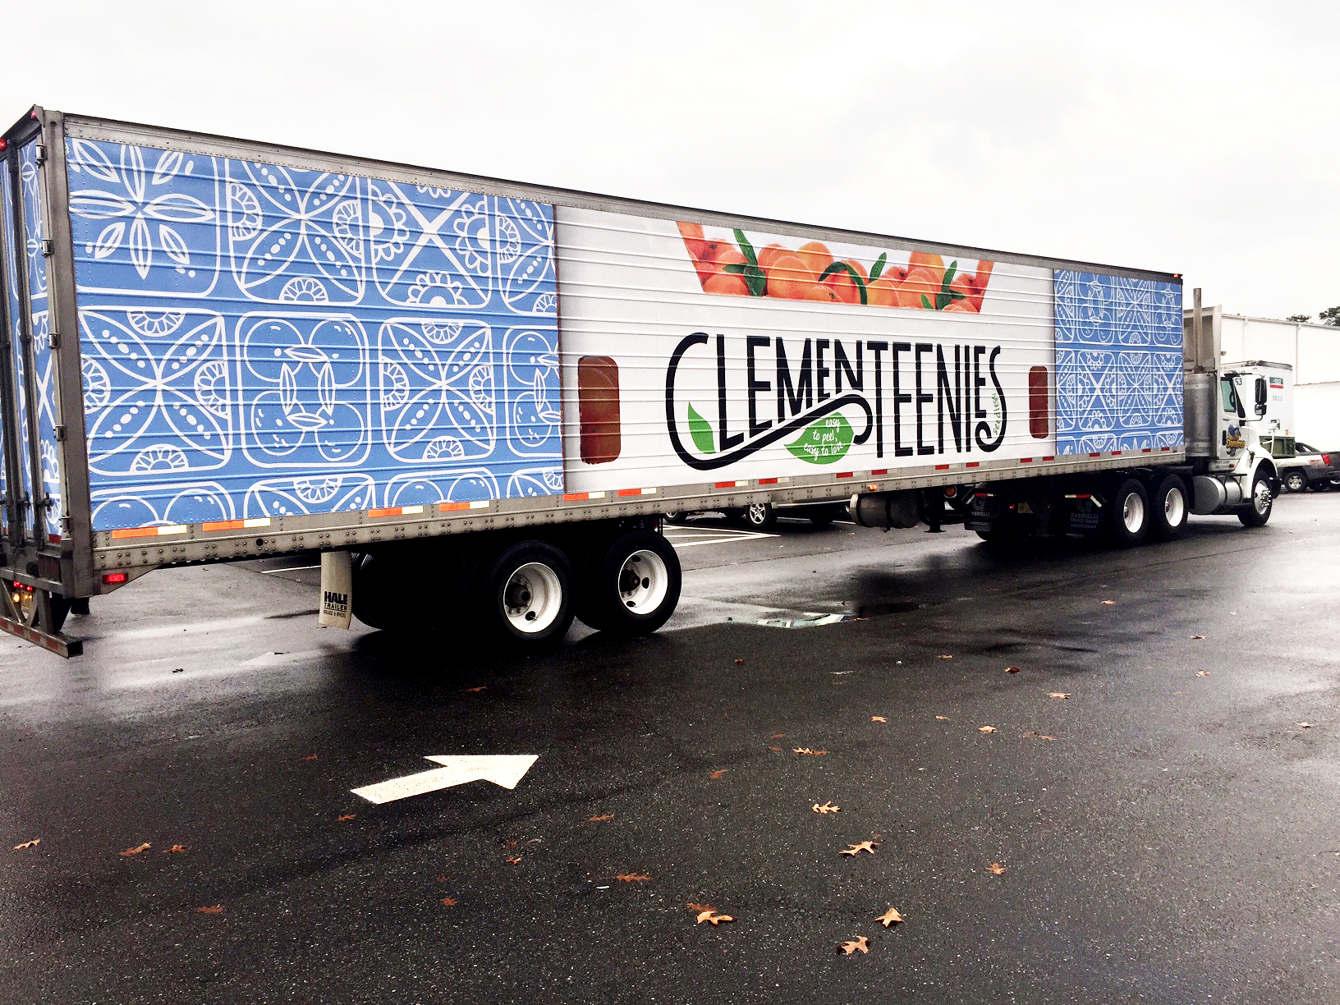 Clementeenies.truckwrap_1340_c.jpg